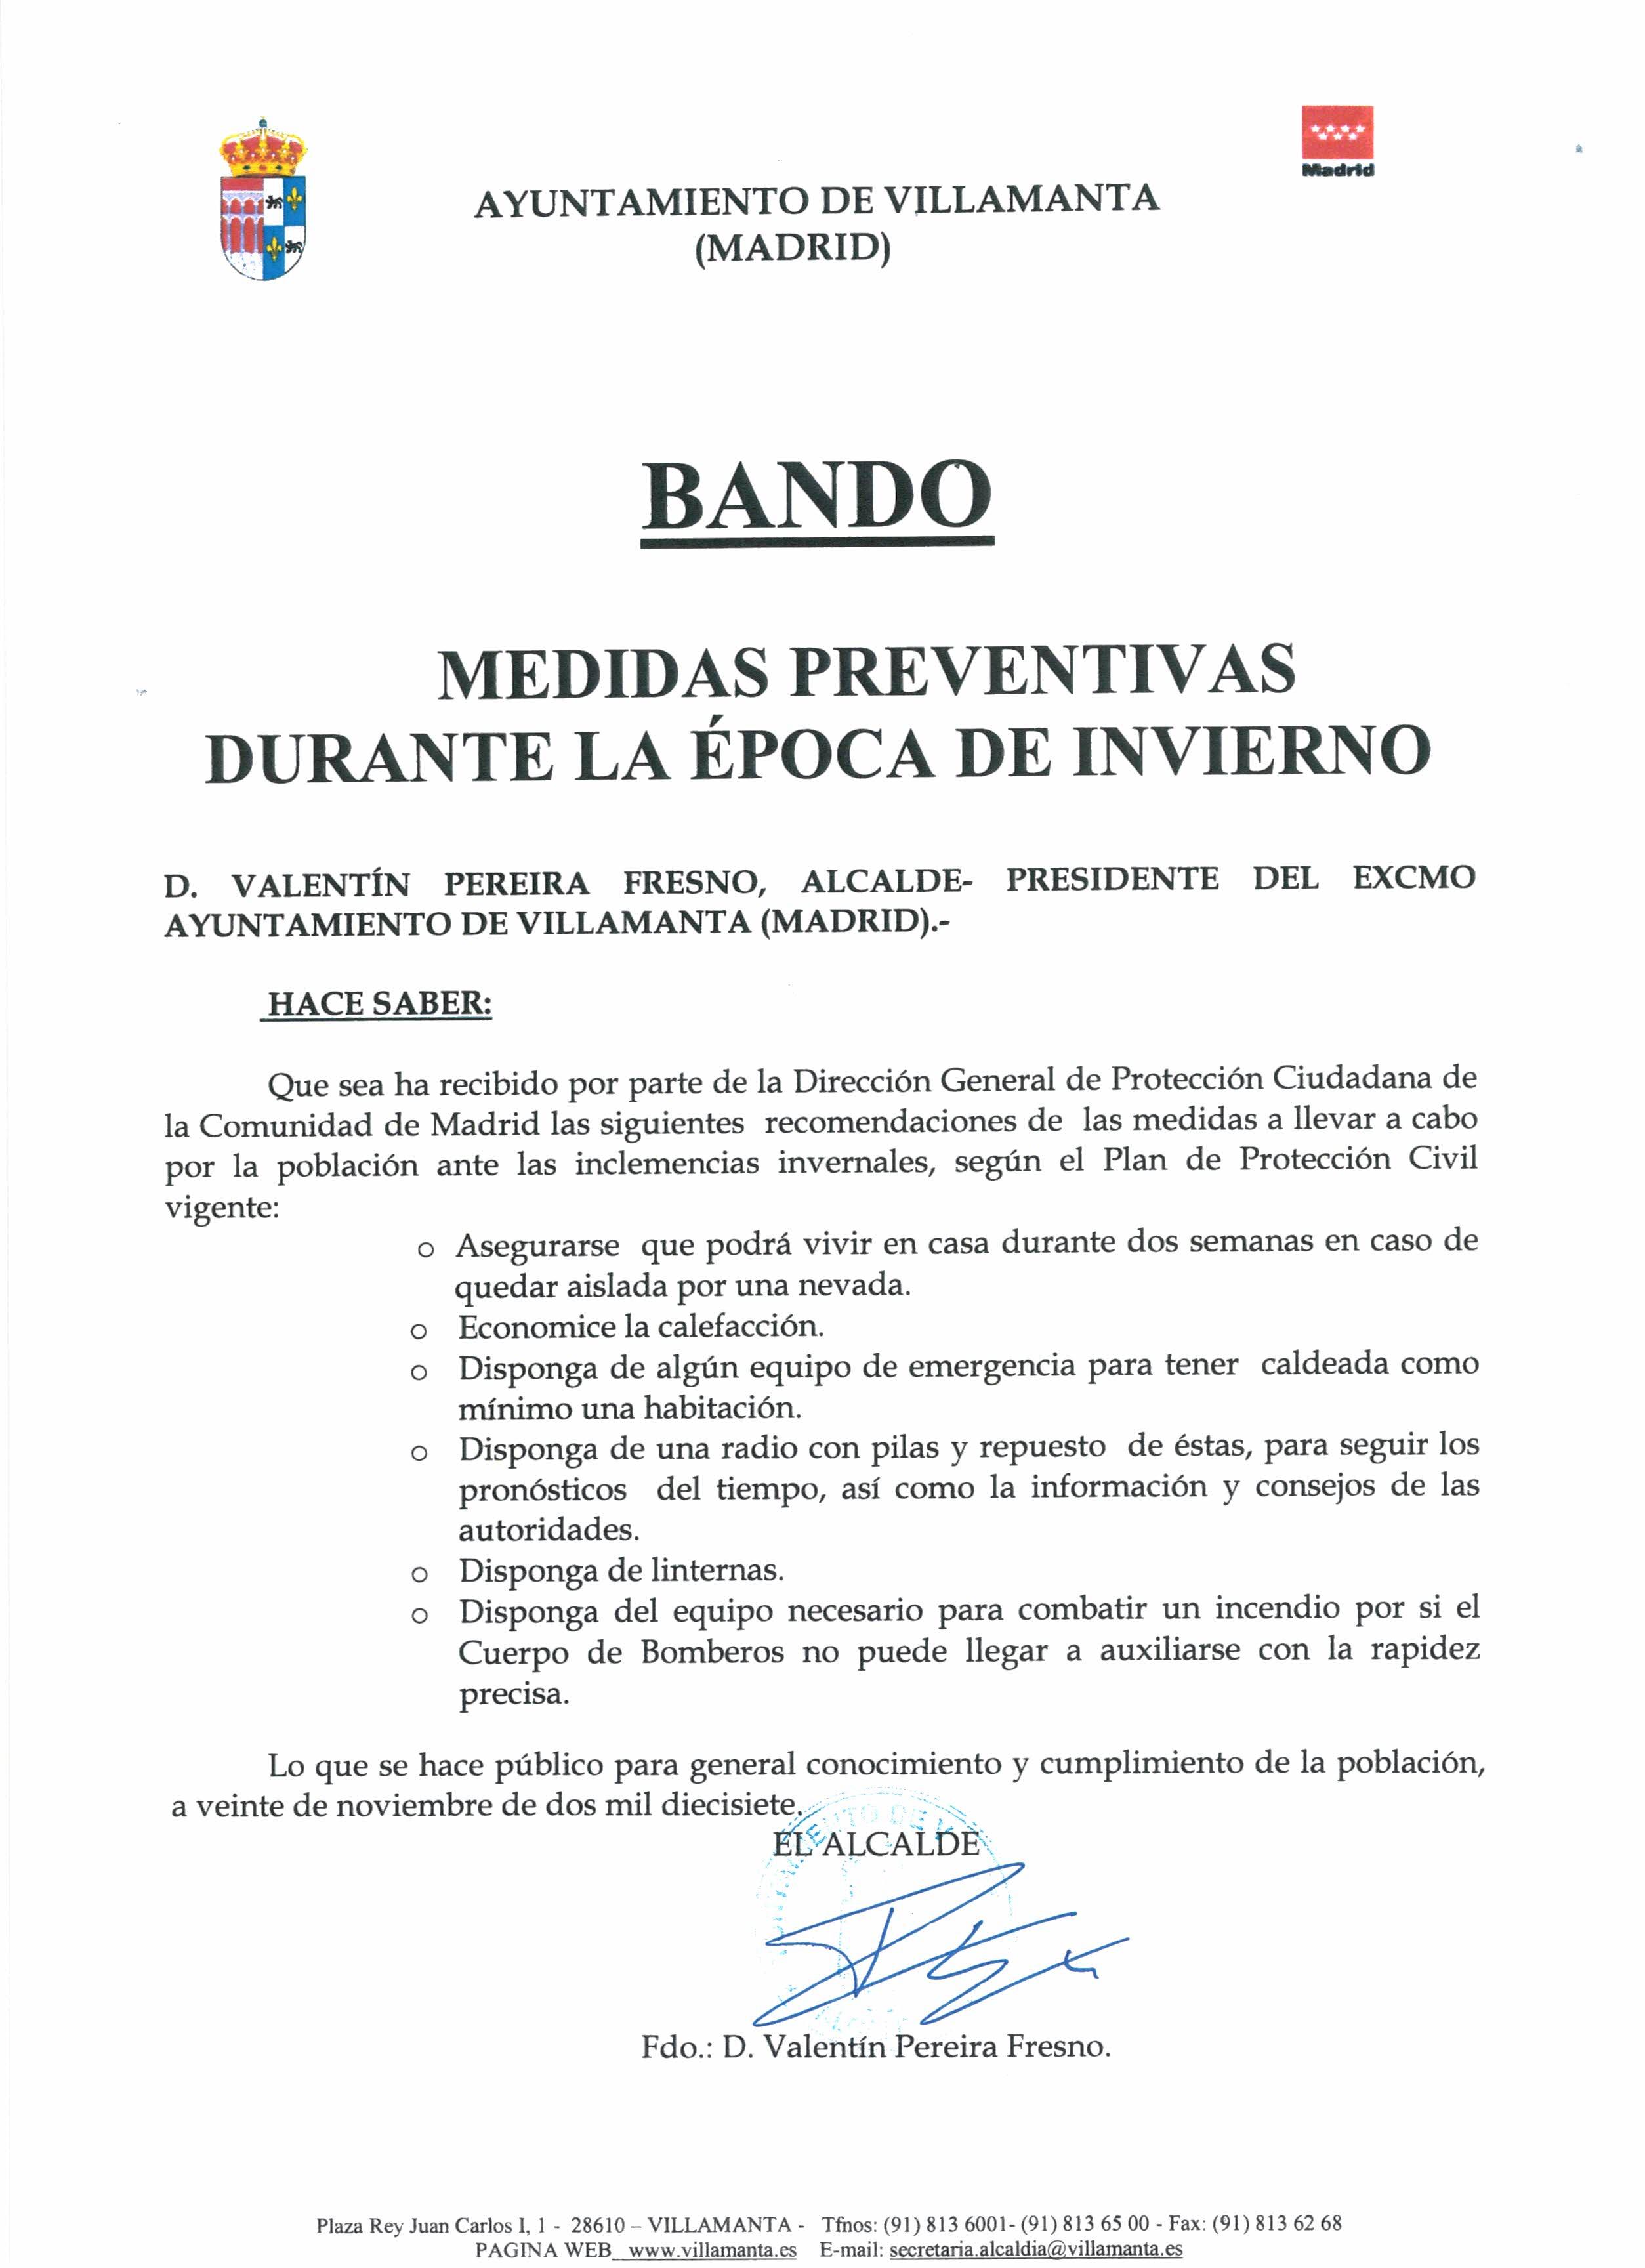 Bando: Medidas preventivas durante la época de invierno